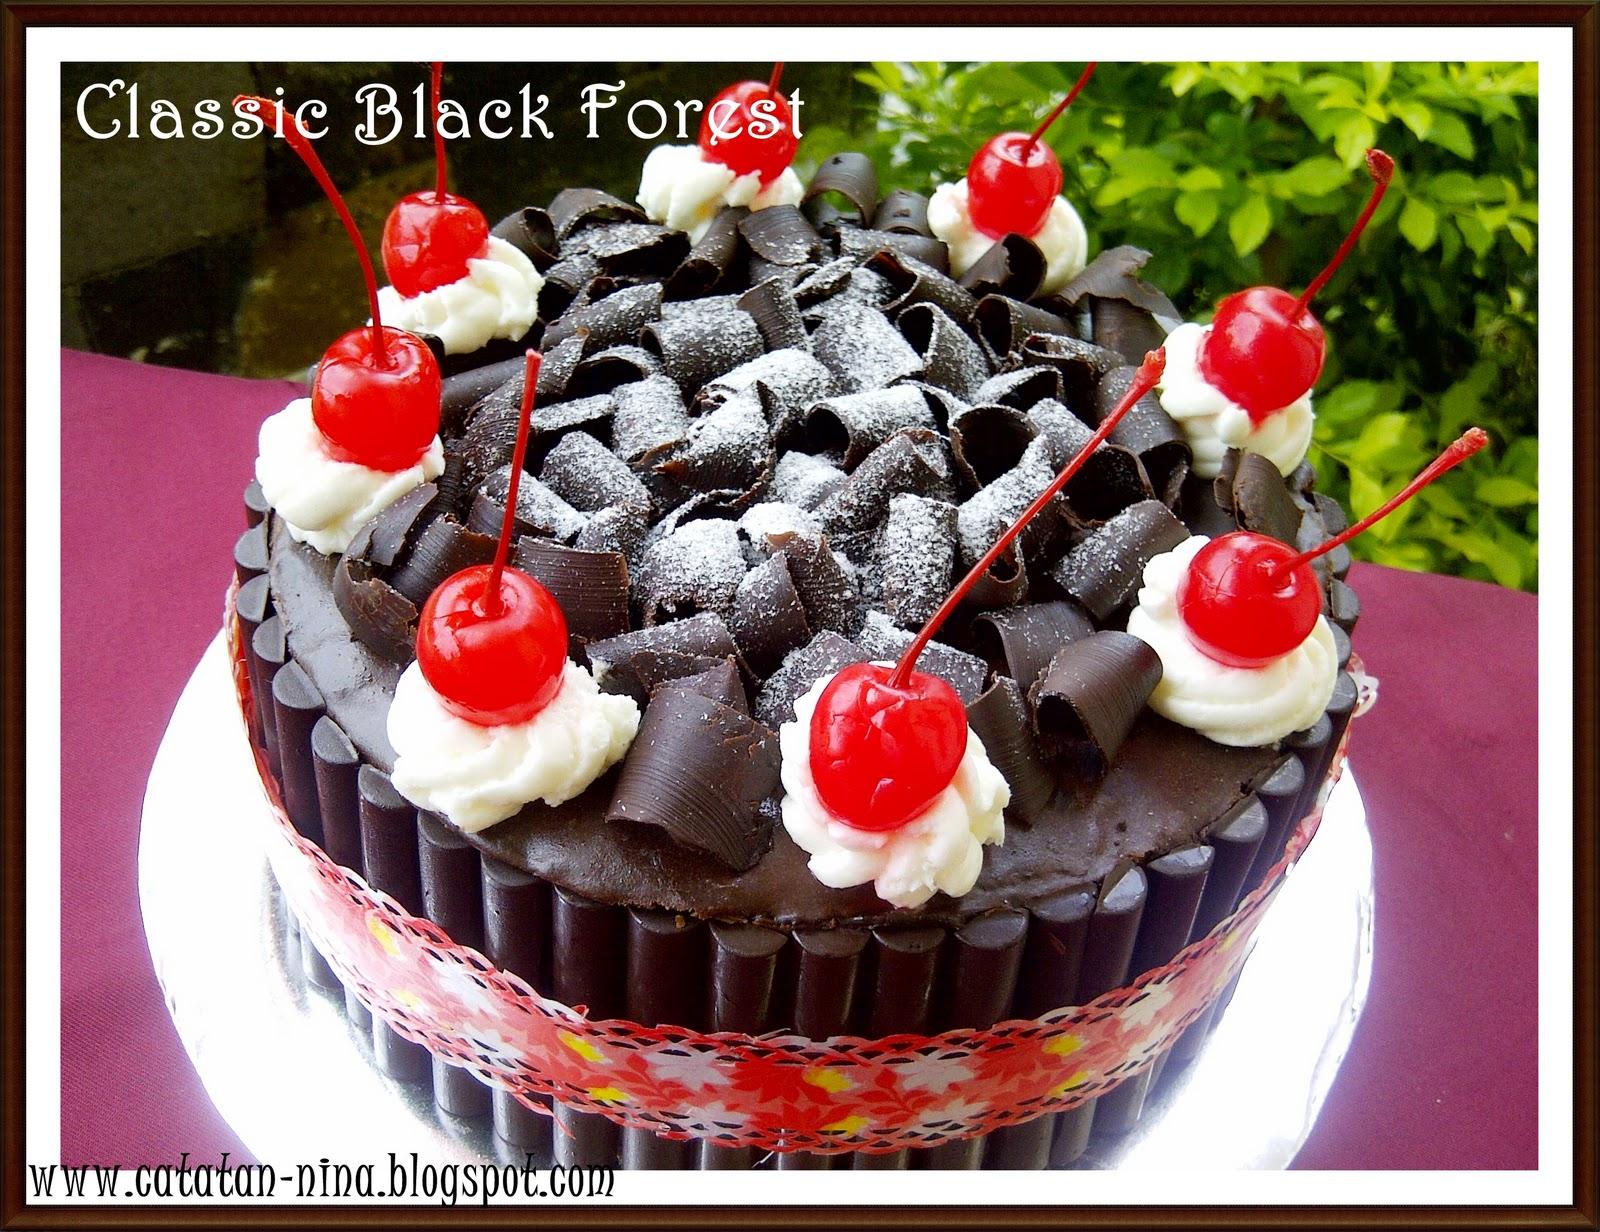 Resep Cake Tart Ncc: Resep Kue Masakan Dan Minuman Cara